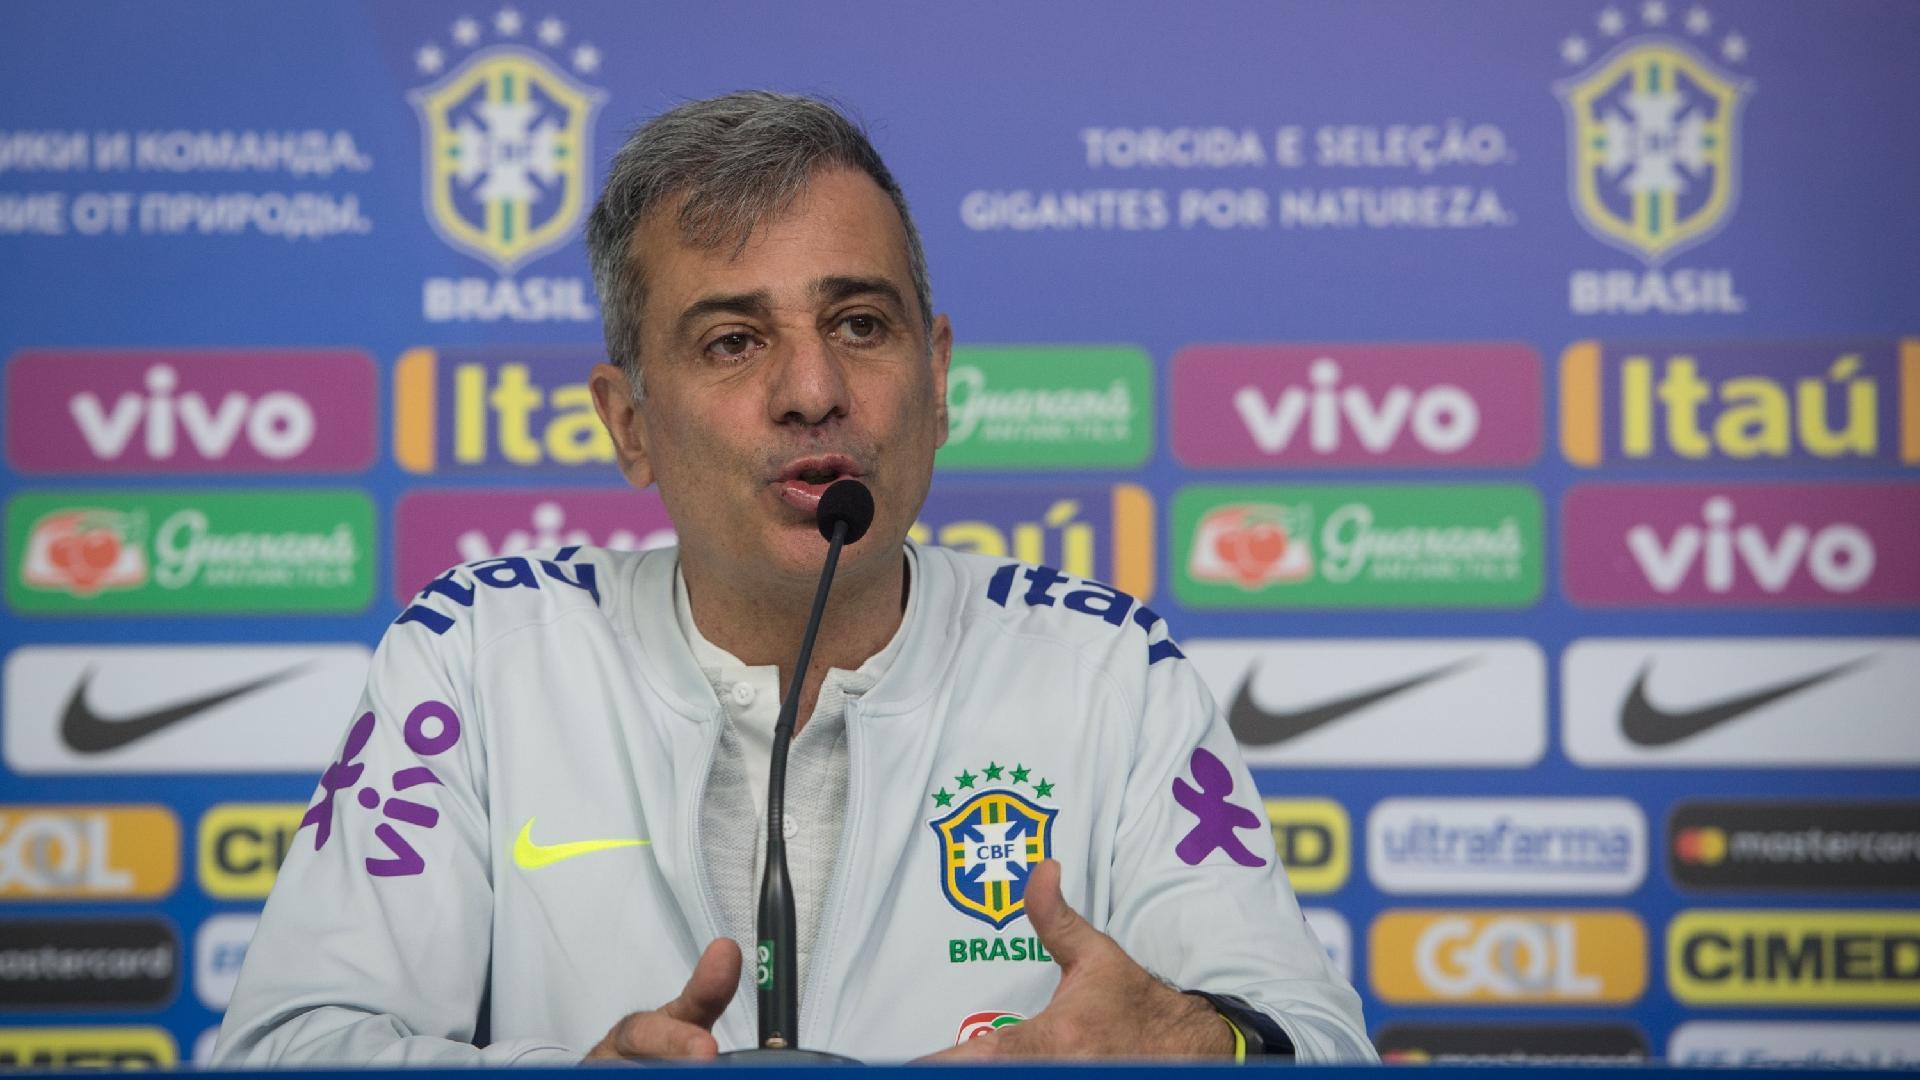 Fábio Mahseredjian, preparador físico da seleção brasileira, concede entrevista coletiva na Granja Comary